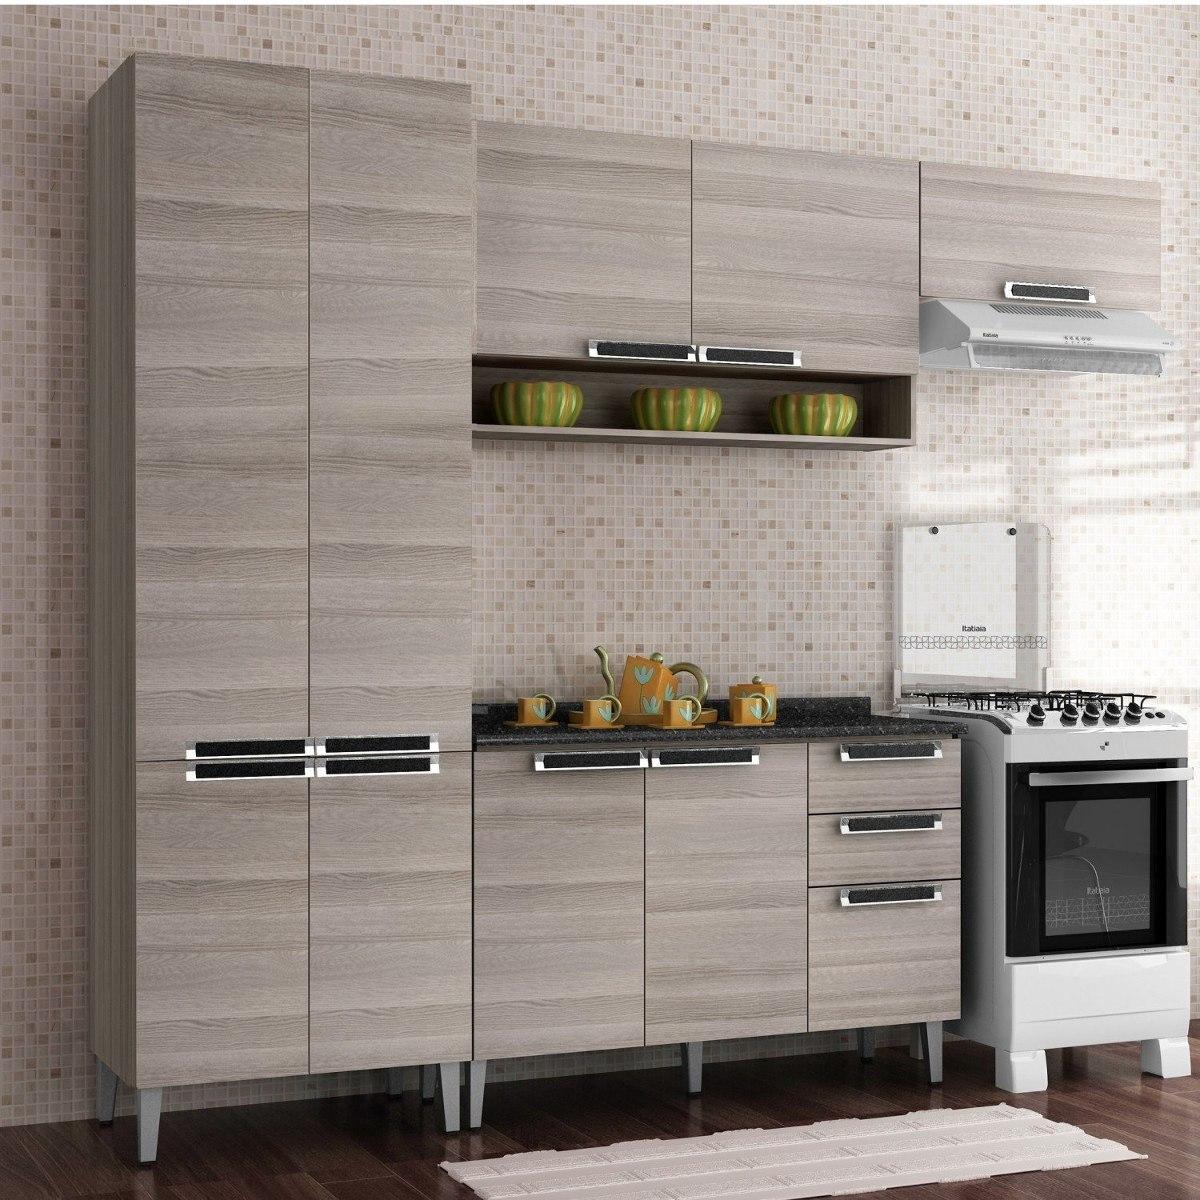 Cozinha Compacta 4 Pe As Com Balc O Jazz Itatiaia Jg R 1 089 90